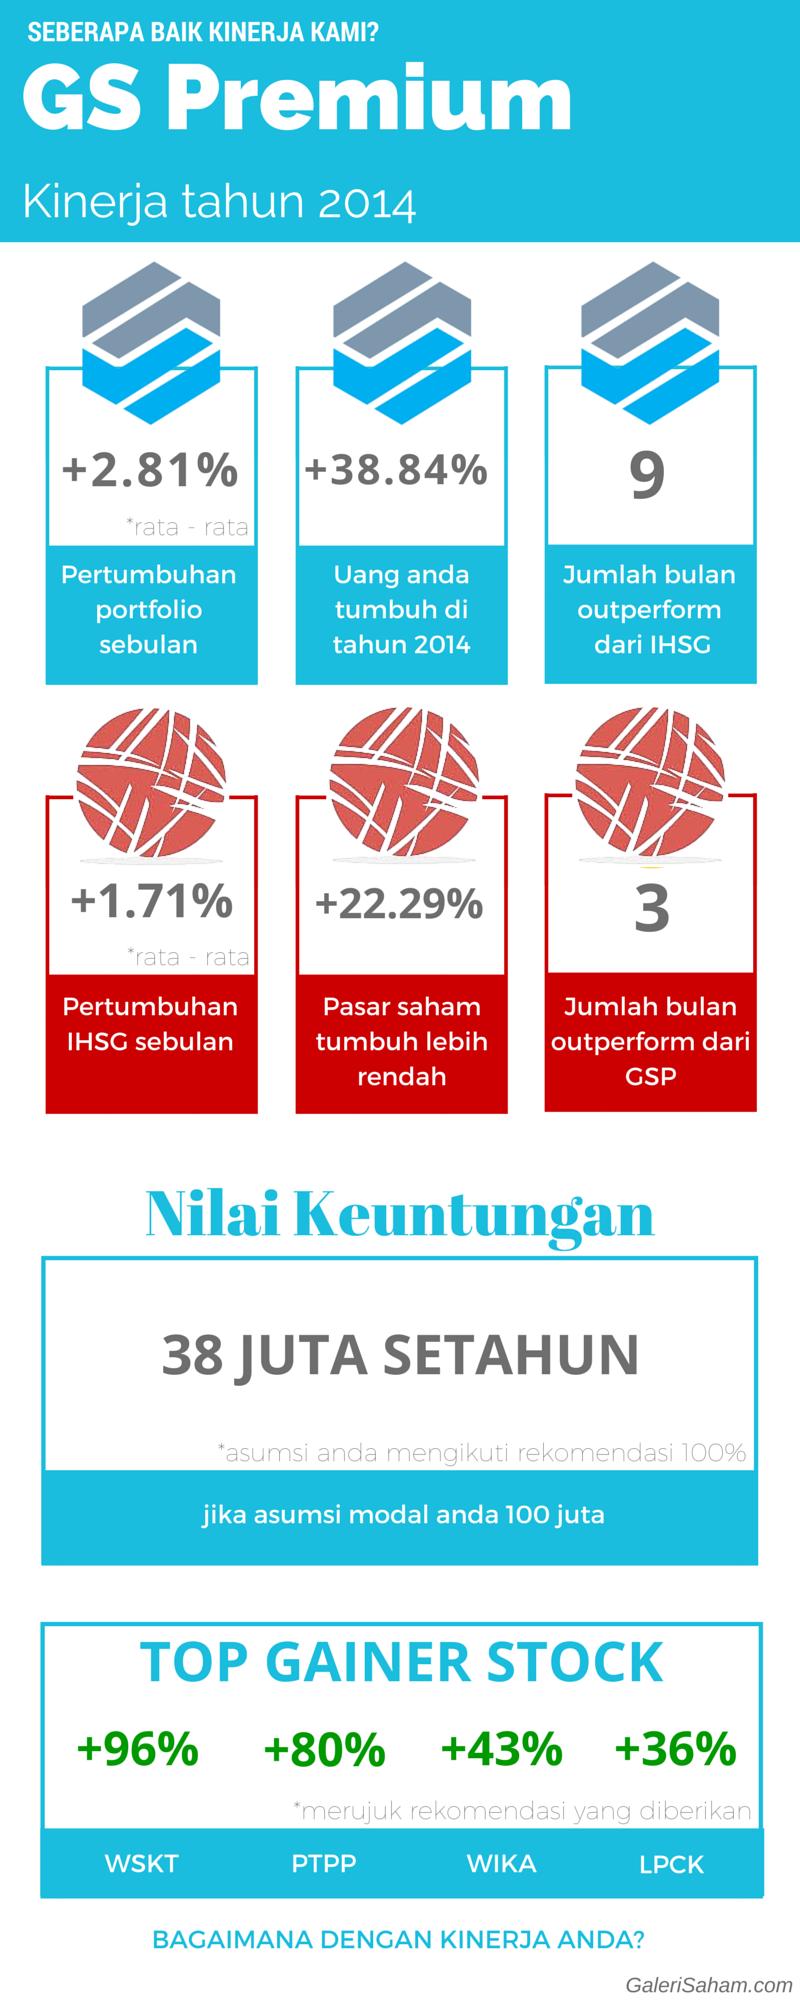 (selesai) Kinerja GS Premium 2014